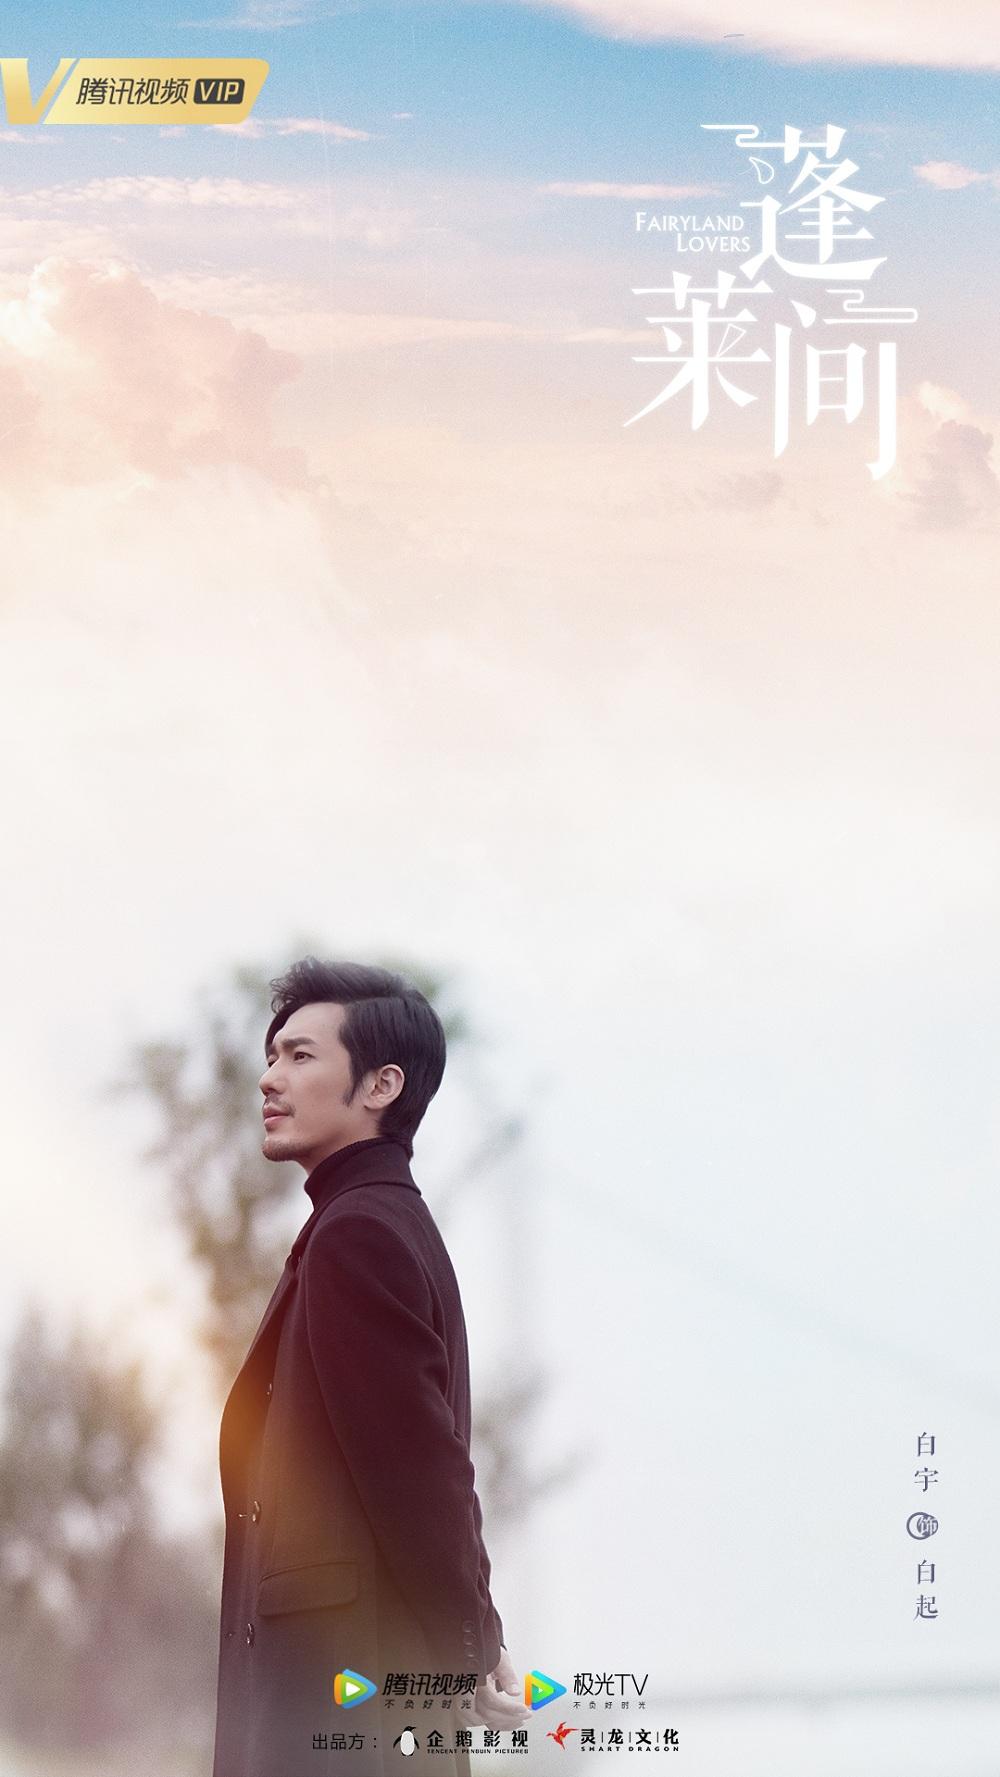 白宇《蓬莱间》定档1月6日 饰演千岁灵物医生男友力爆棚